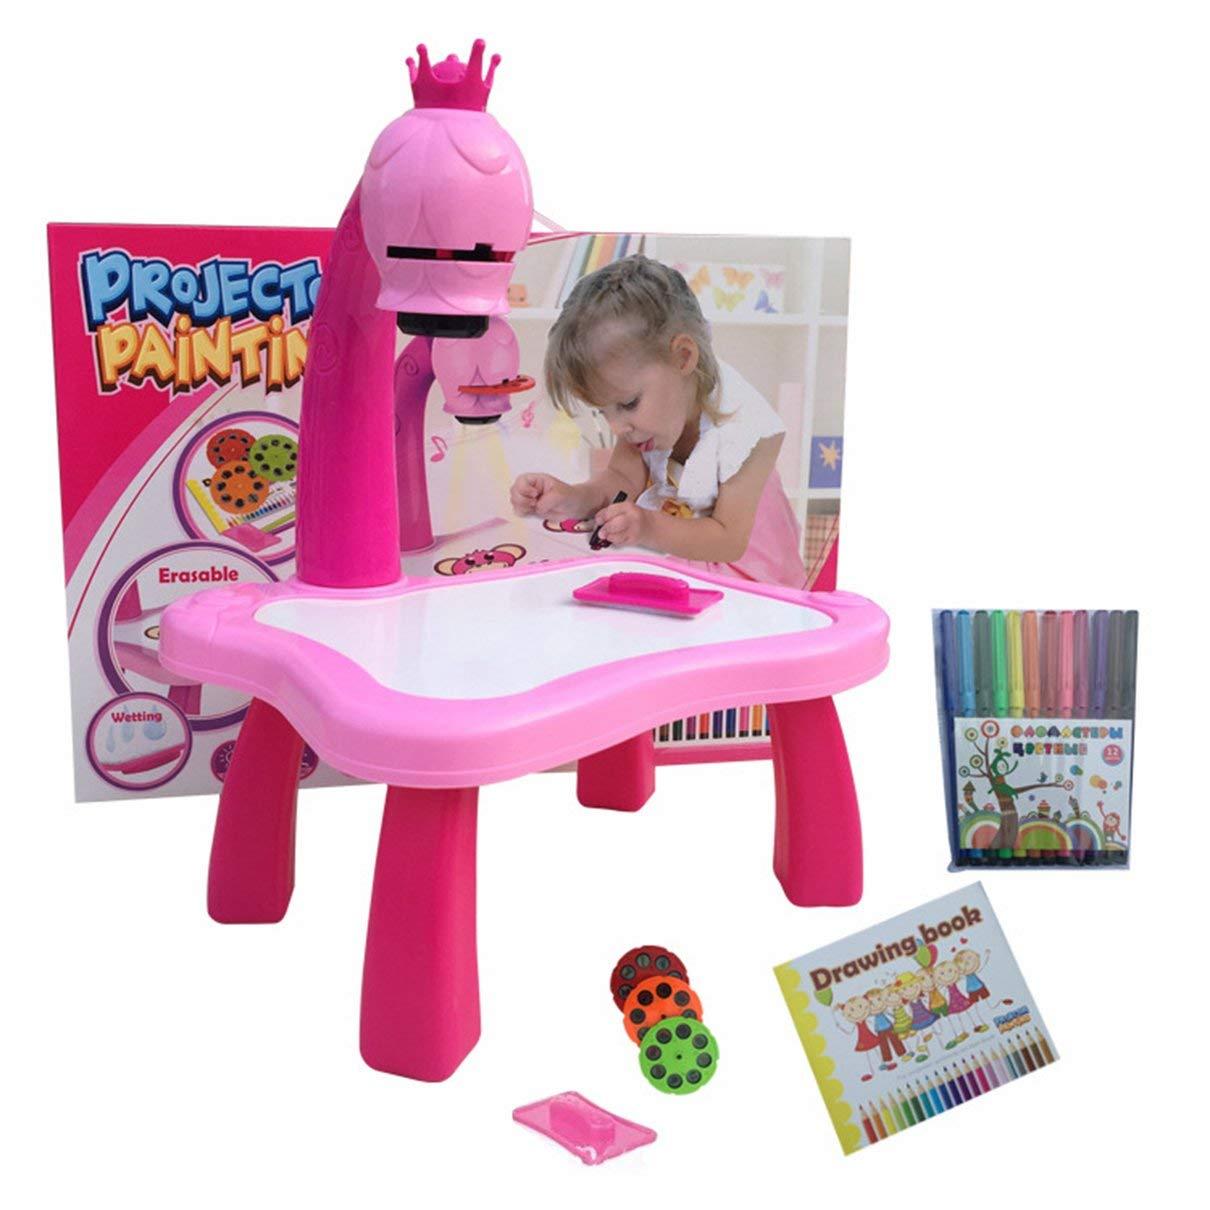 Amazon.com: Escritorio de aprendizaje infantil con proyector ...